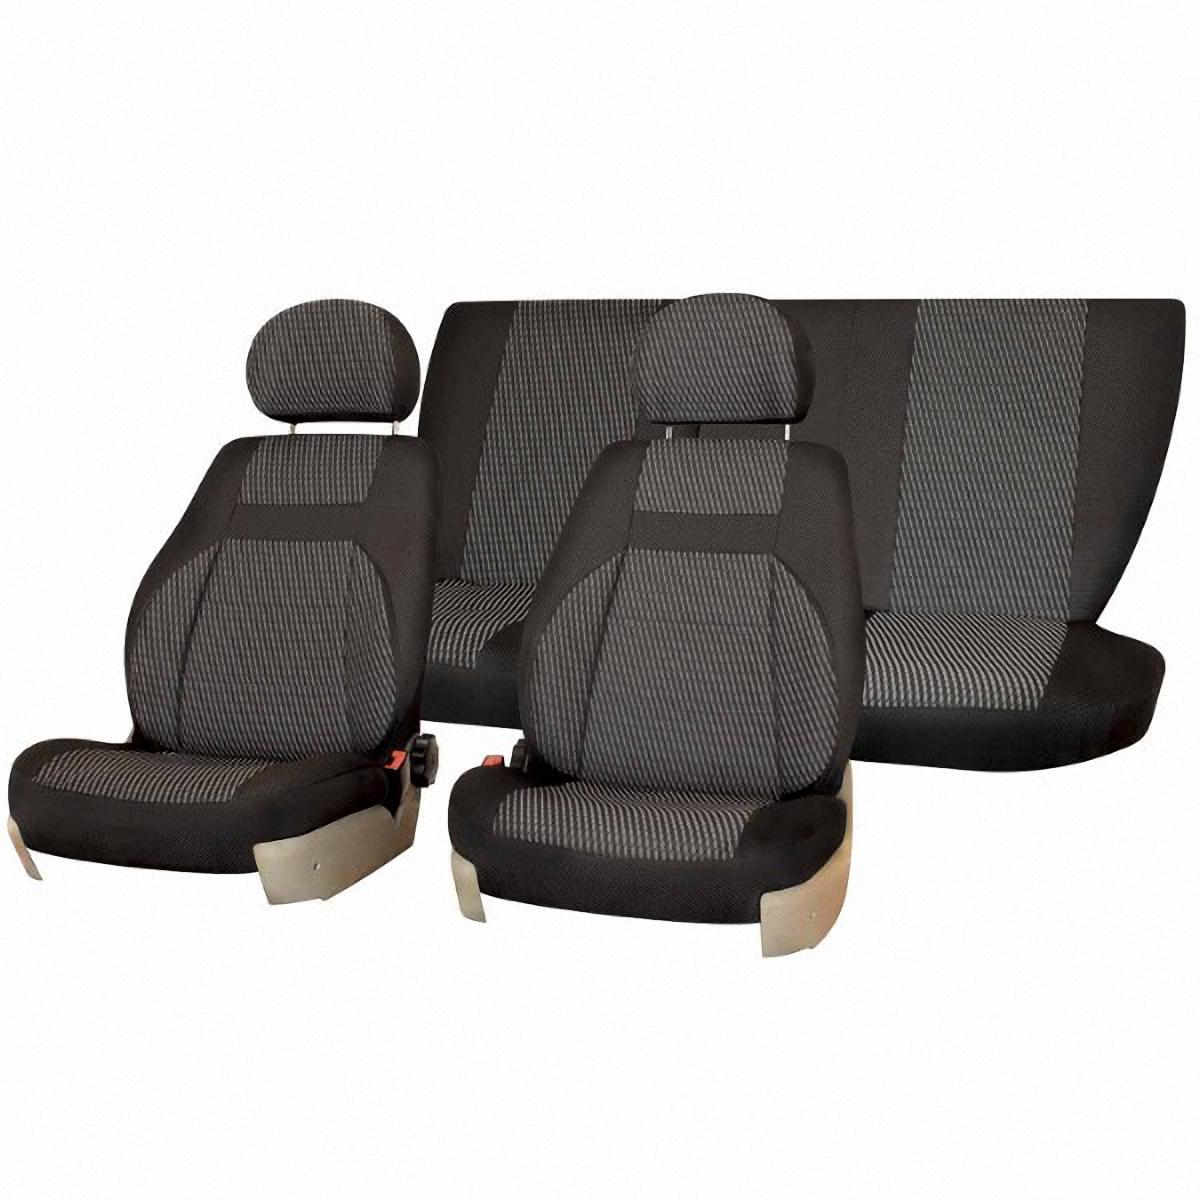 Чехлы автомобильные Skyway, для ВАЗ-2108/2113V006-D2Автомобильные чехлы Skyway изготовлены из качественного жаккарда. Чехлы идеально повторяют штатную форму сидений и выглядят как оригинальная обивка сидений. Разработаны индивидуально для каждой модели автомобиля. Авточехлы Skyway просты в уходе - загрязнения легко удаляются влажной тканью. Чехлы имеют раздельную схему надевания. В комплекте 8 предметов.